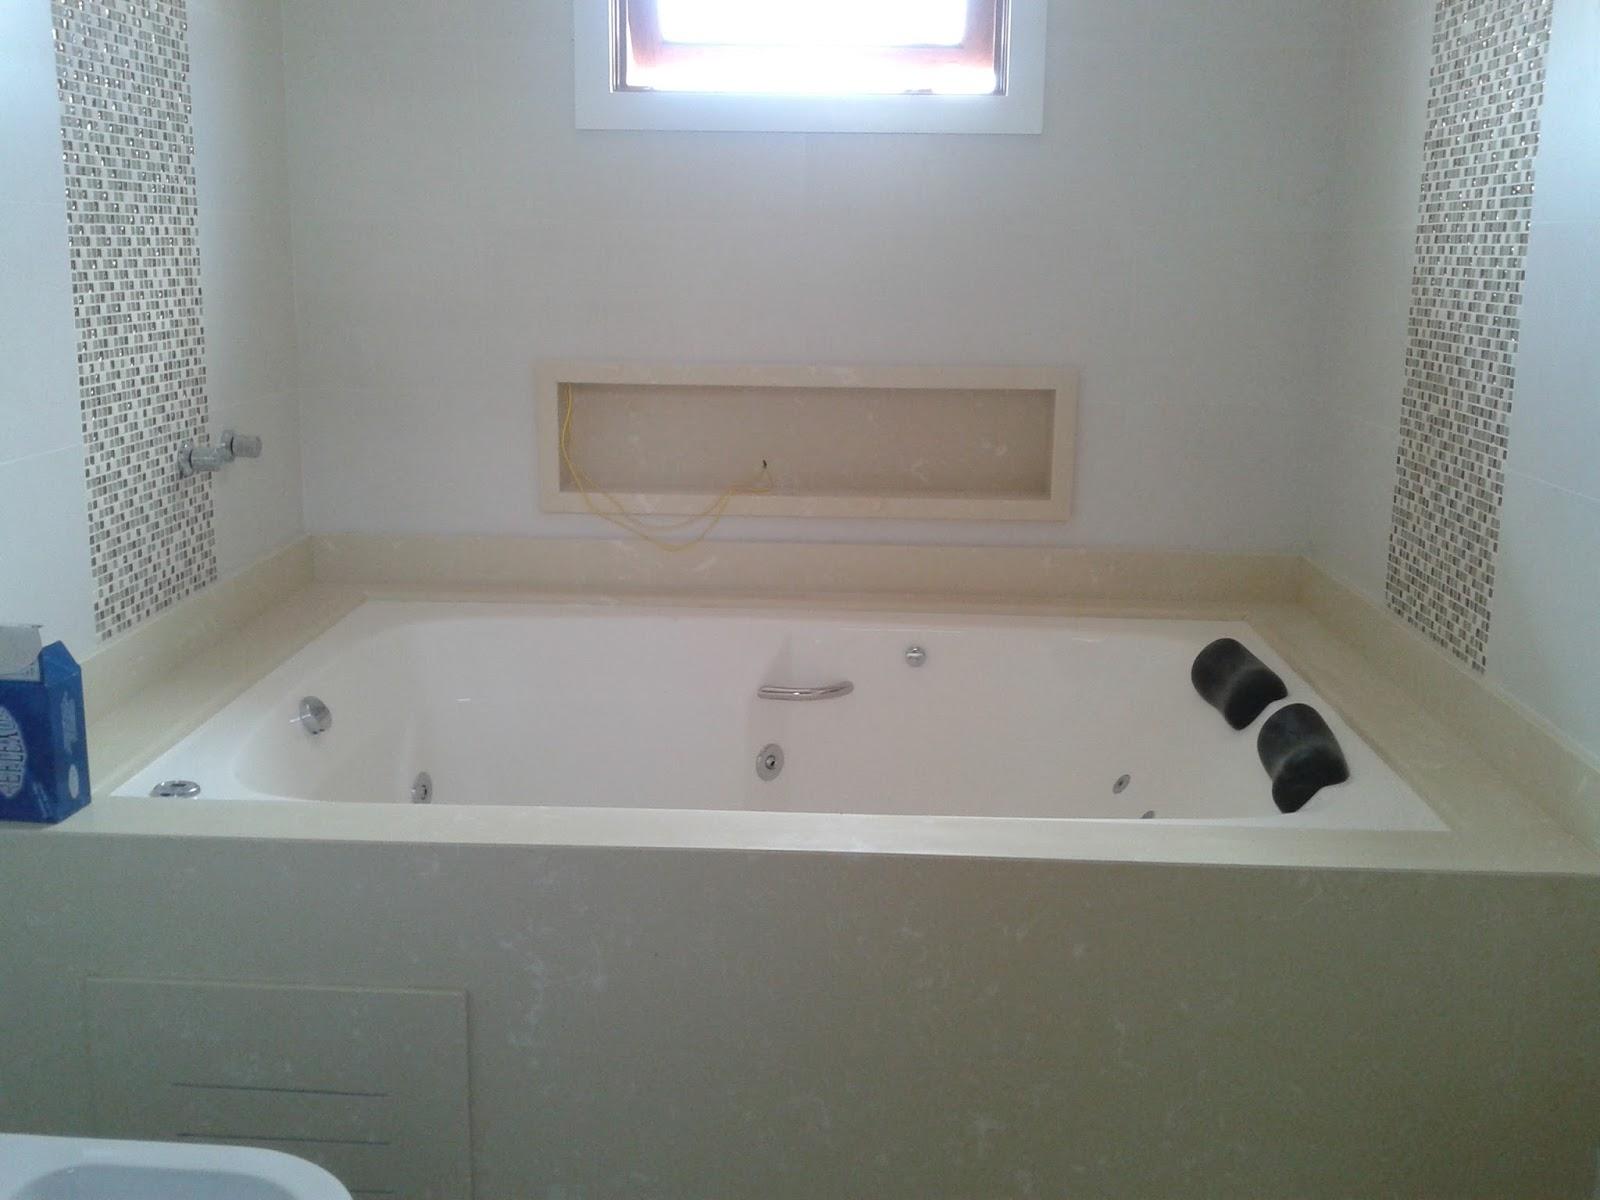 bá da Bia: banheiros granitos e armários #546977 1600x1200 Banheiro Com Detalhe Amadeirado